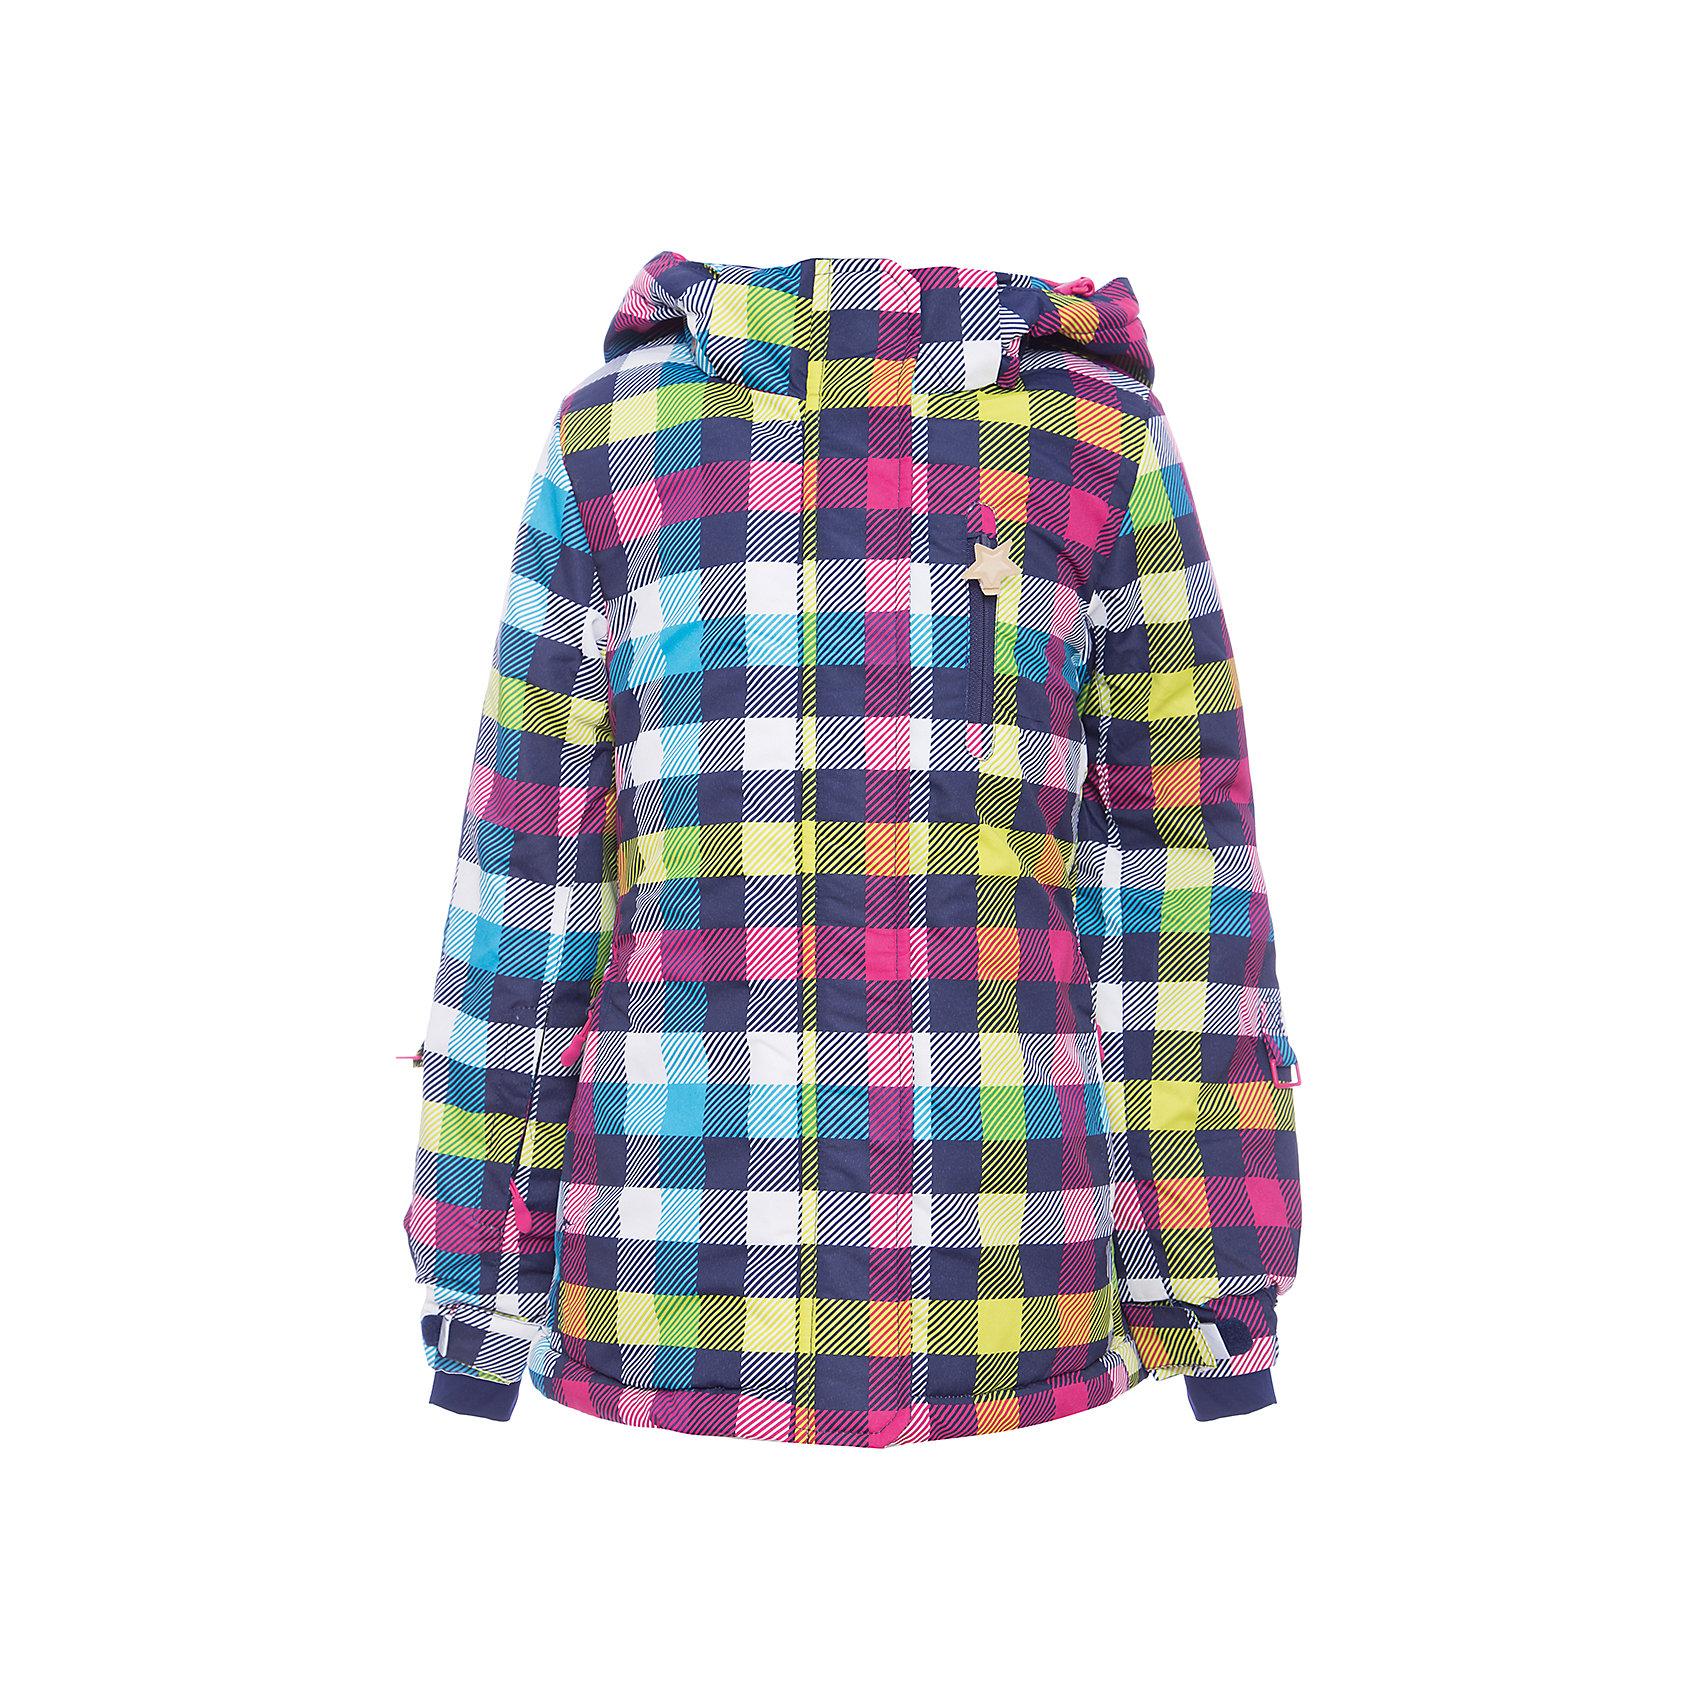 Куртка Scool для девочкиВерхняя одежда<br>Куртка Scool для девочки<br>Теплая куртка отлично подойдет для катания со снежных гор! Модель из ткани с водоотталкивающей пропиткой. Капюшон на кнопках, по контуру дополнен регулируемым шнуром - кулиской. Специальные плотные манжеты с отверстием для большого пальца предохраняют от попадания снега. Куртка со снегозащитной юбкой. Подкладка из теплого флиса. Рукава дополнены специальными кольцами для перчаток. Светоотражающие элементы позволят видеть ребенка в темное время суток.<br>Состав:<br>Верх: 100% полиэстер, Подкладка: 100% полиэстер, Наполнитель: 100% полиэстер, 250 г/м2<br><br>Ширина мм: 356<br>Глубина мм: 10<br>Высота мм: 245<br>Вес г: 519<br>Цвет: белый<br>Возраст от месяцев: 156<br>Возраст до месяцев: 168<br>Пол: Женский<br>Возраст: Детский<br>Размер: 164,134,140,146,152,158<br>SKU: 7105492